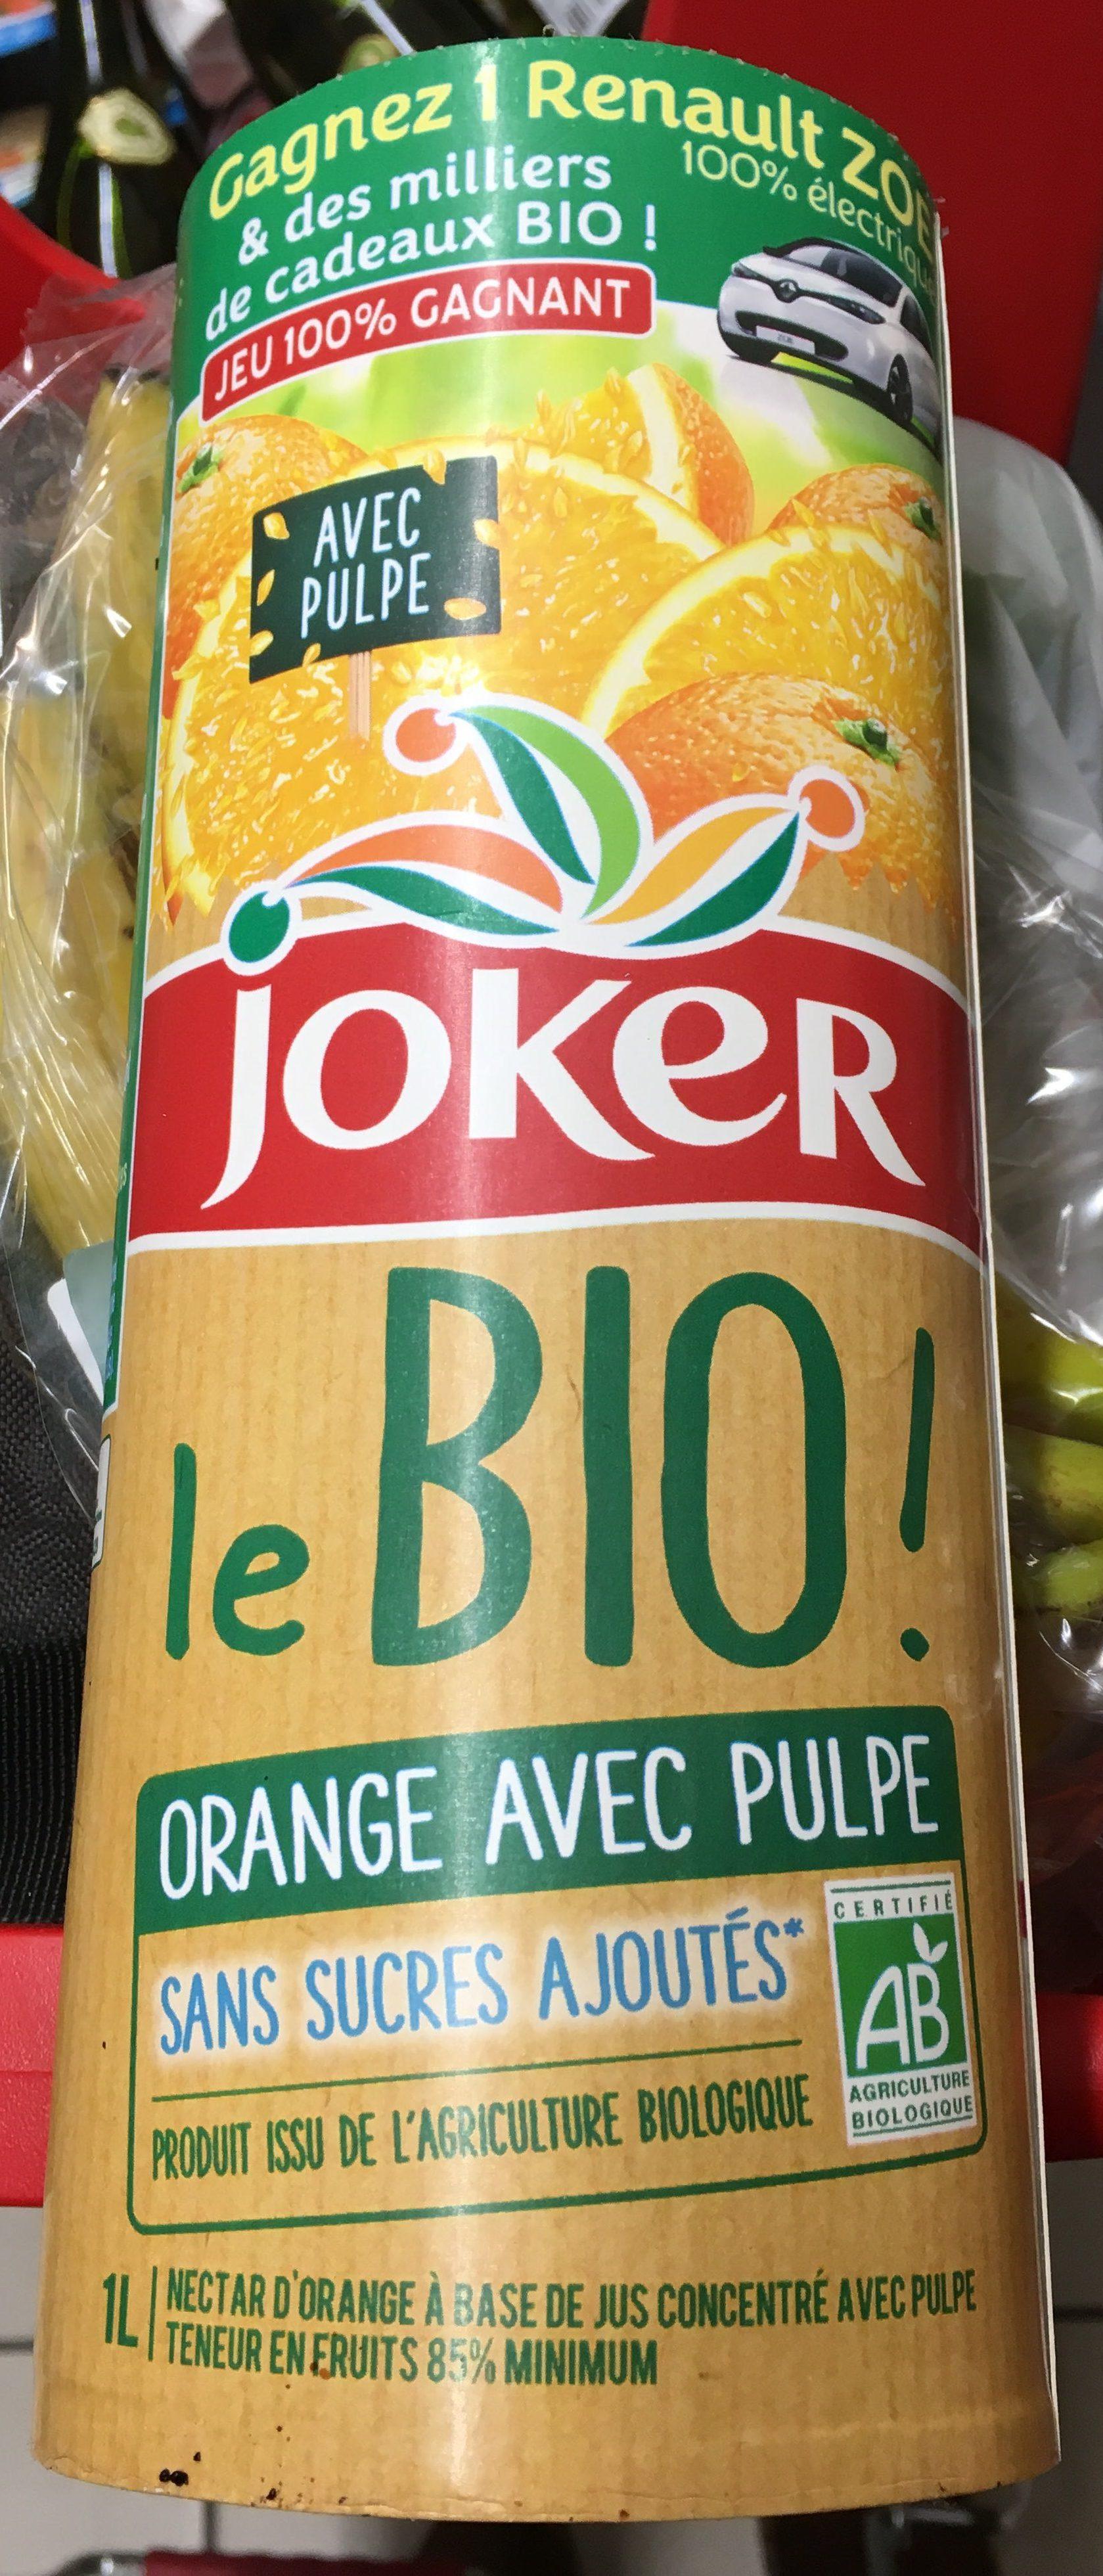 Le bio! orange avec pulpe - Product - fr